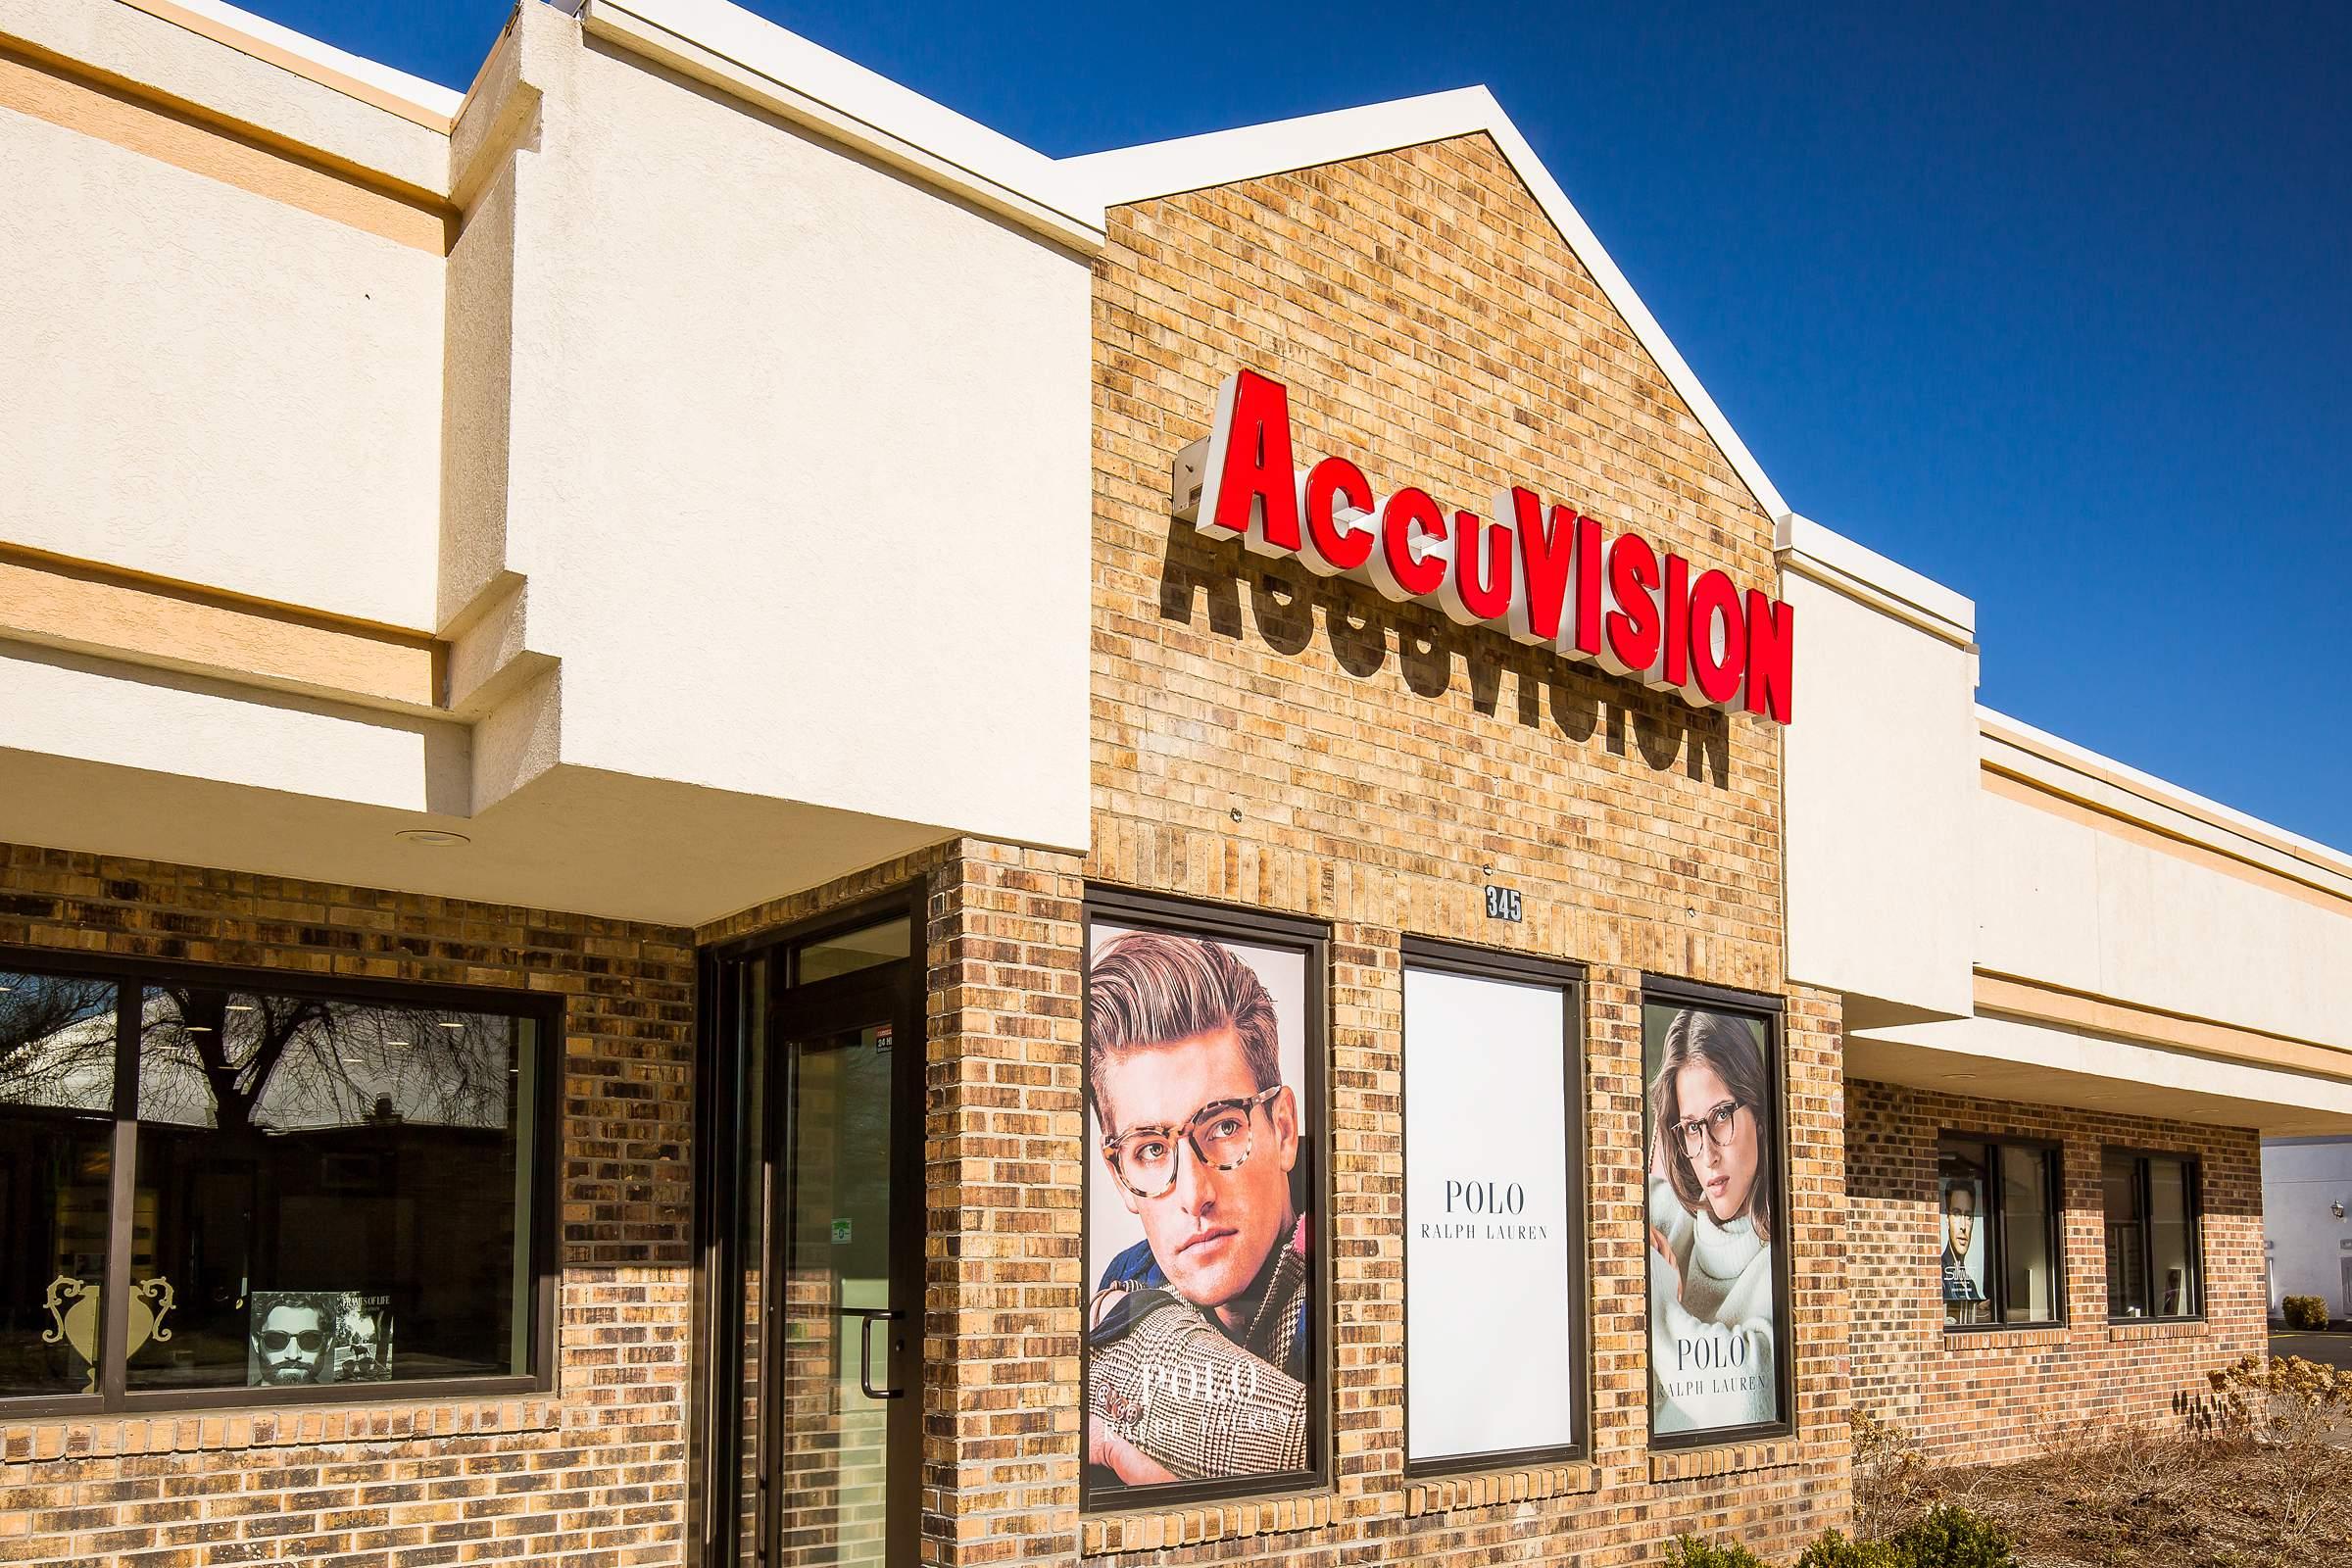 accuvision optical in wauconda chicago suburbs interior